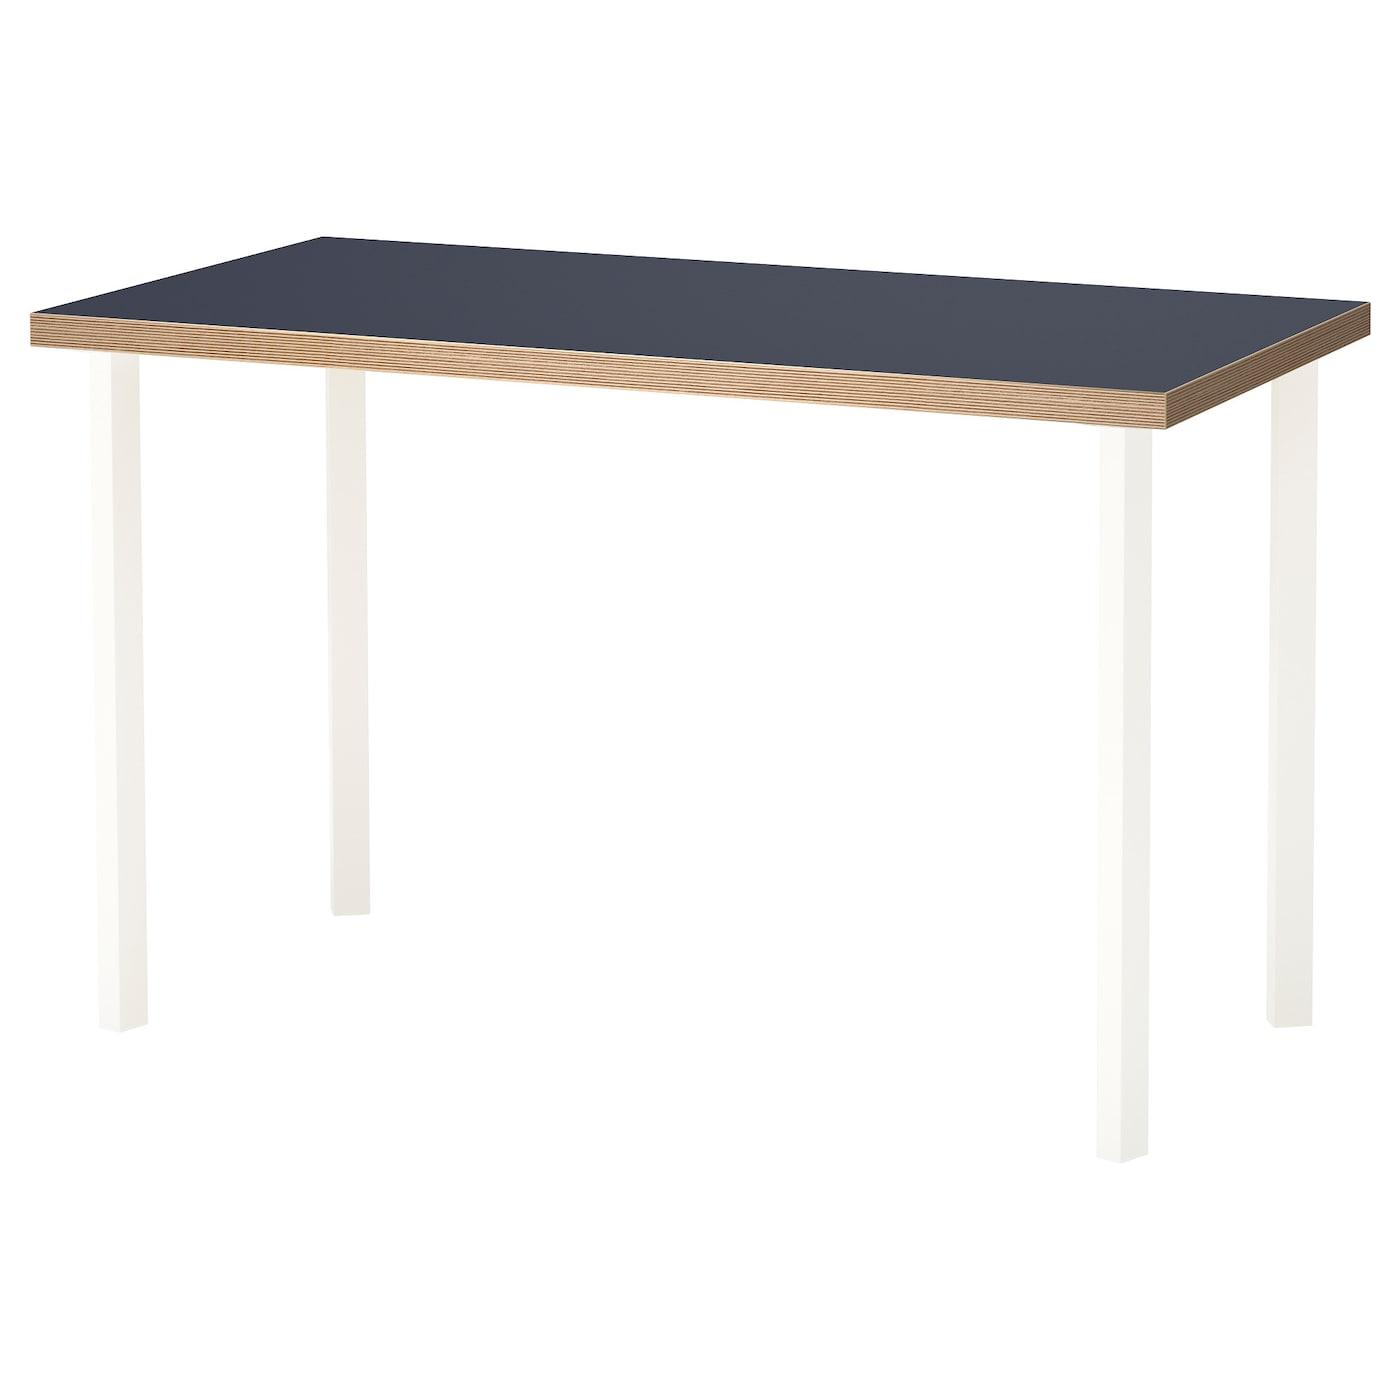 LINNMON / GODVIN, Tisch, blau 892.142.10